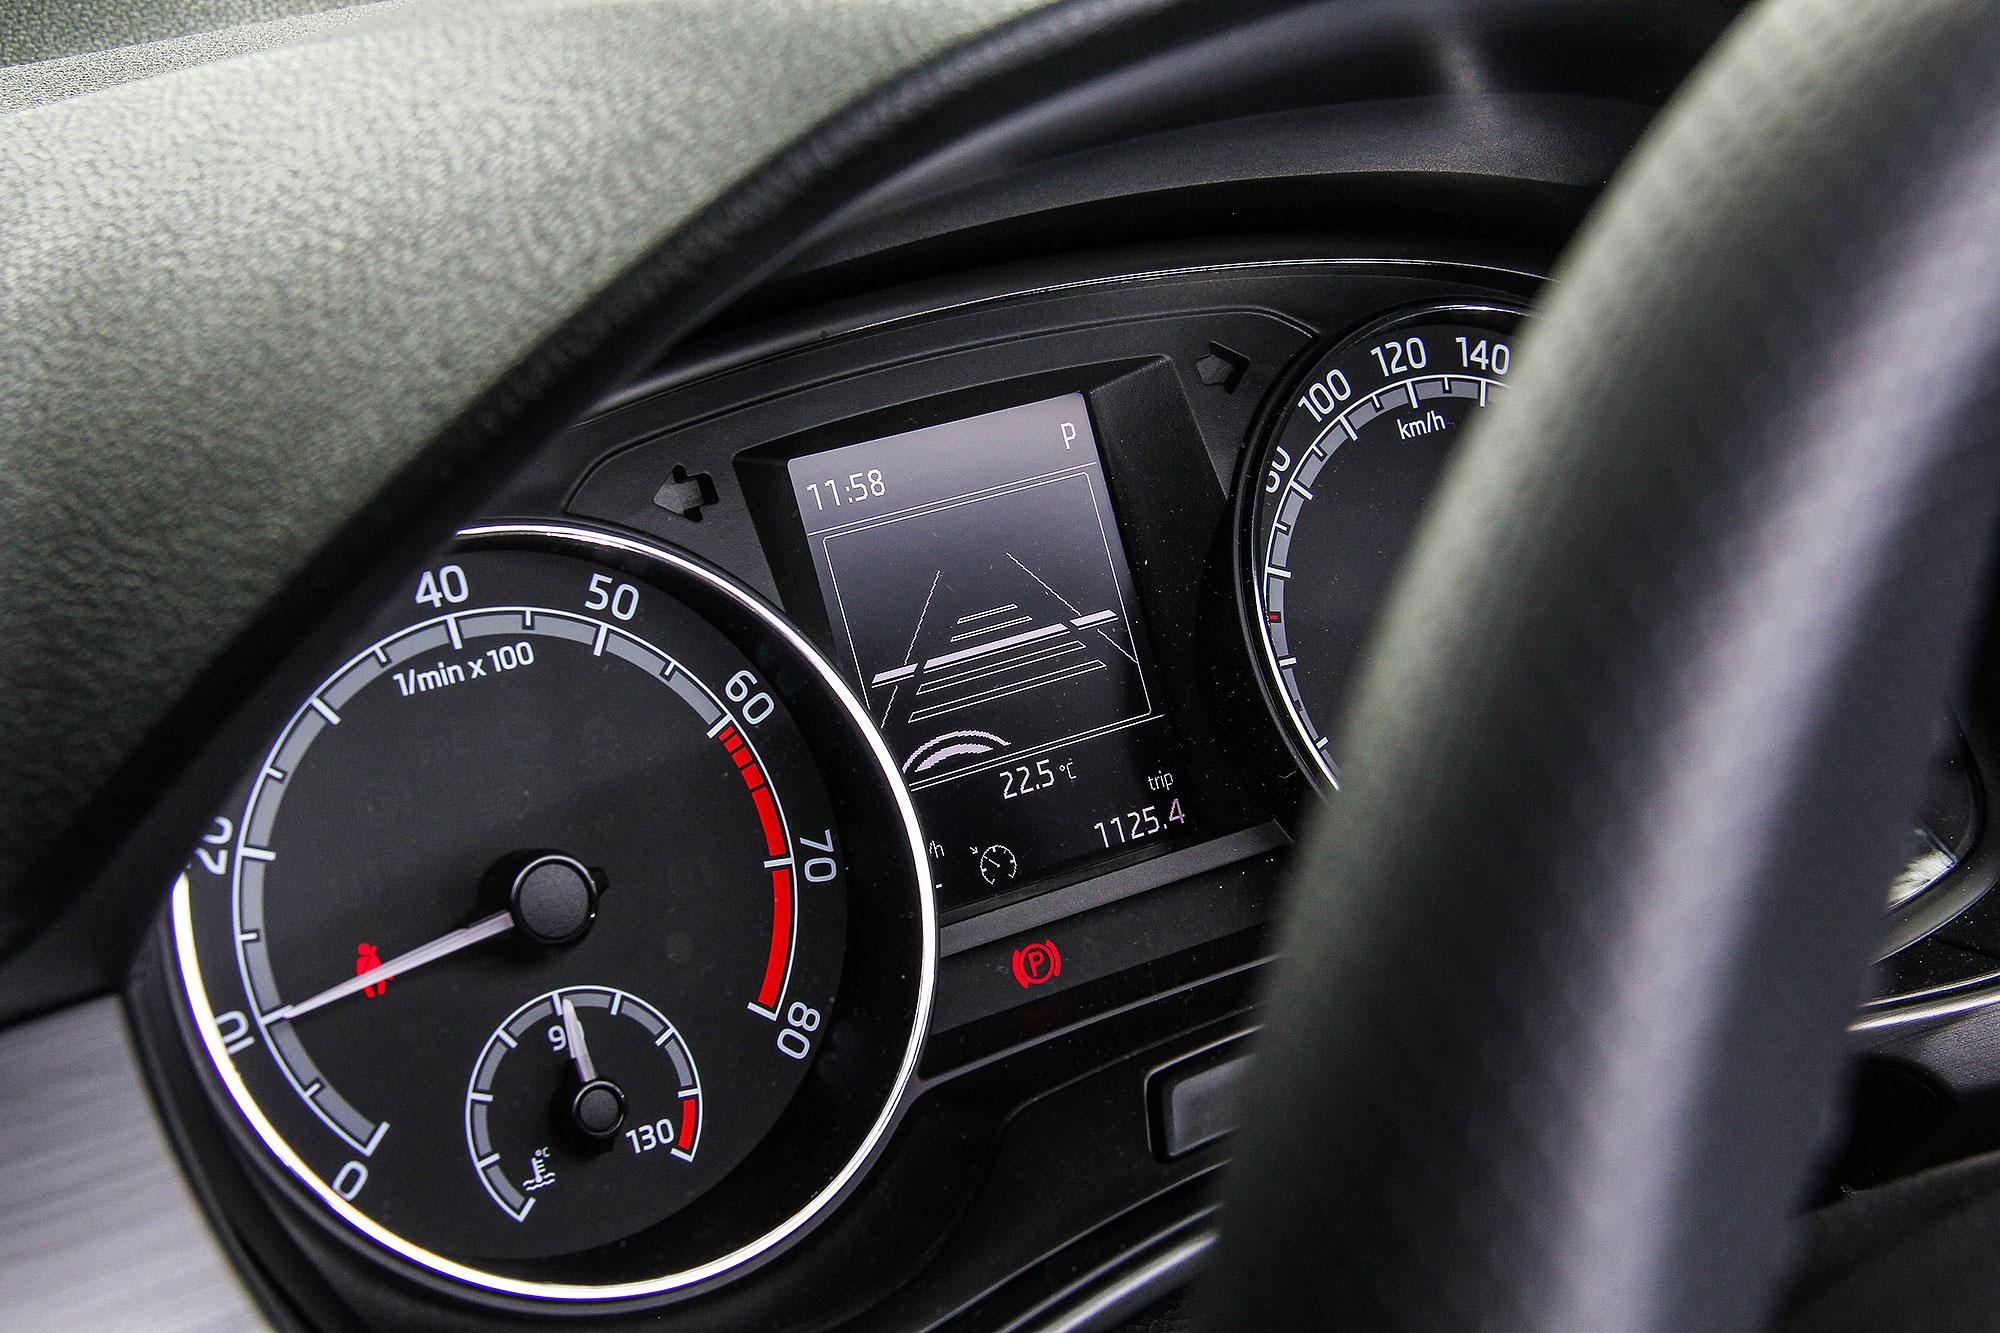 小改款 Fabia 最主要的改款重點,在於 ACC 等 ADAS 先進駕駛輔助系統的導入。